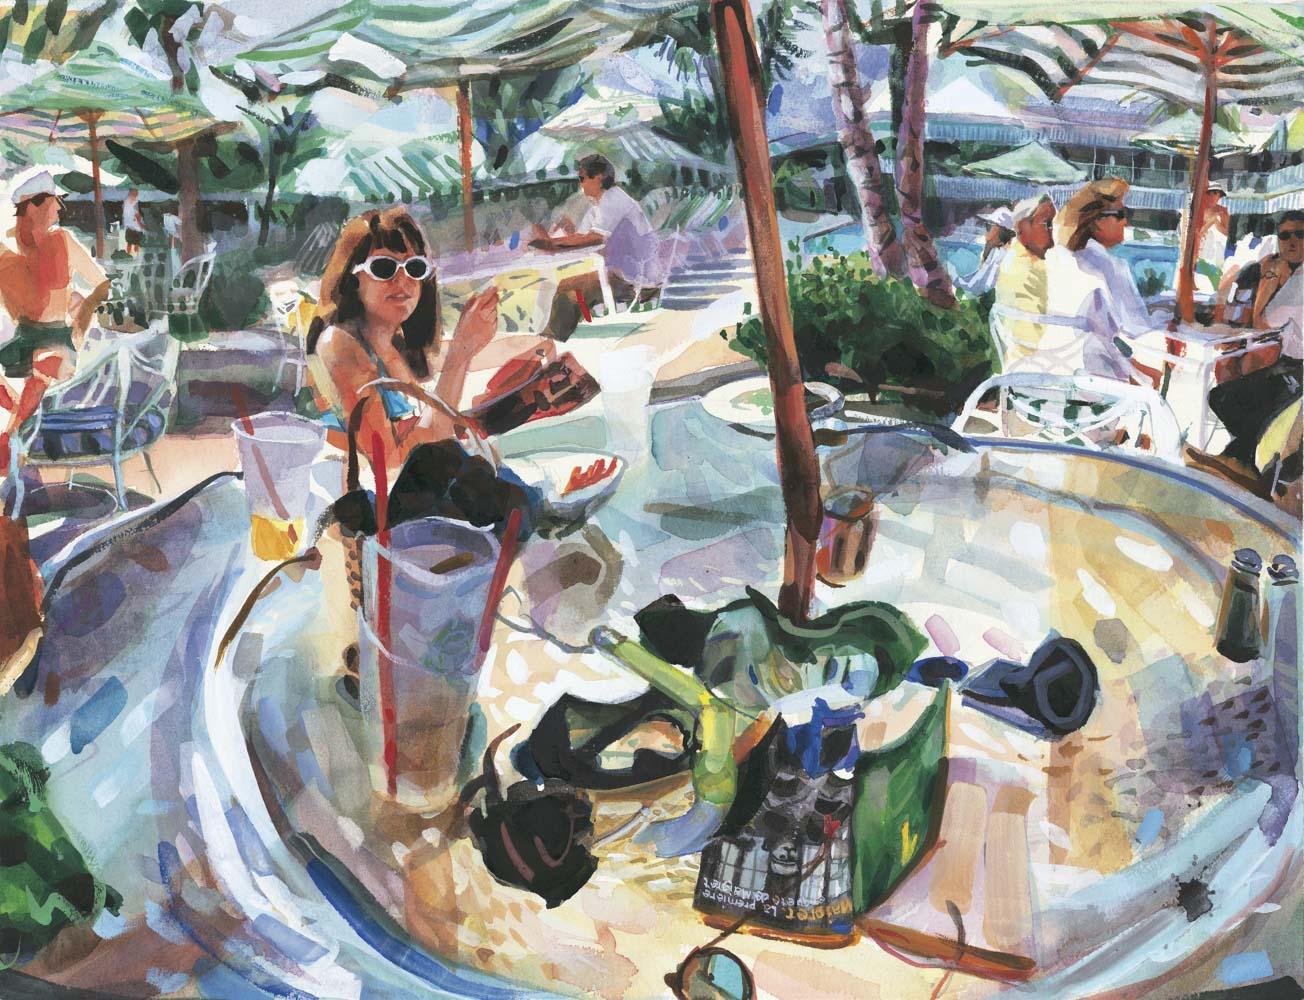 Samantha lounges at The Beach Club, Palm Beach